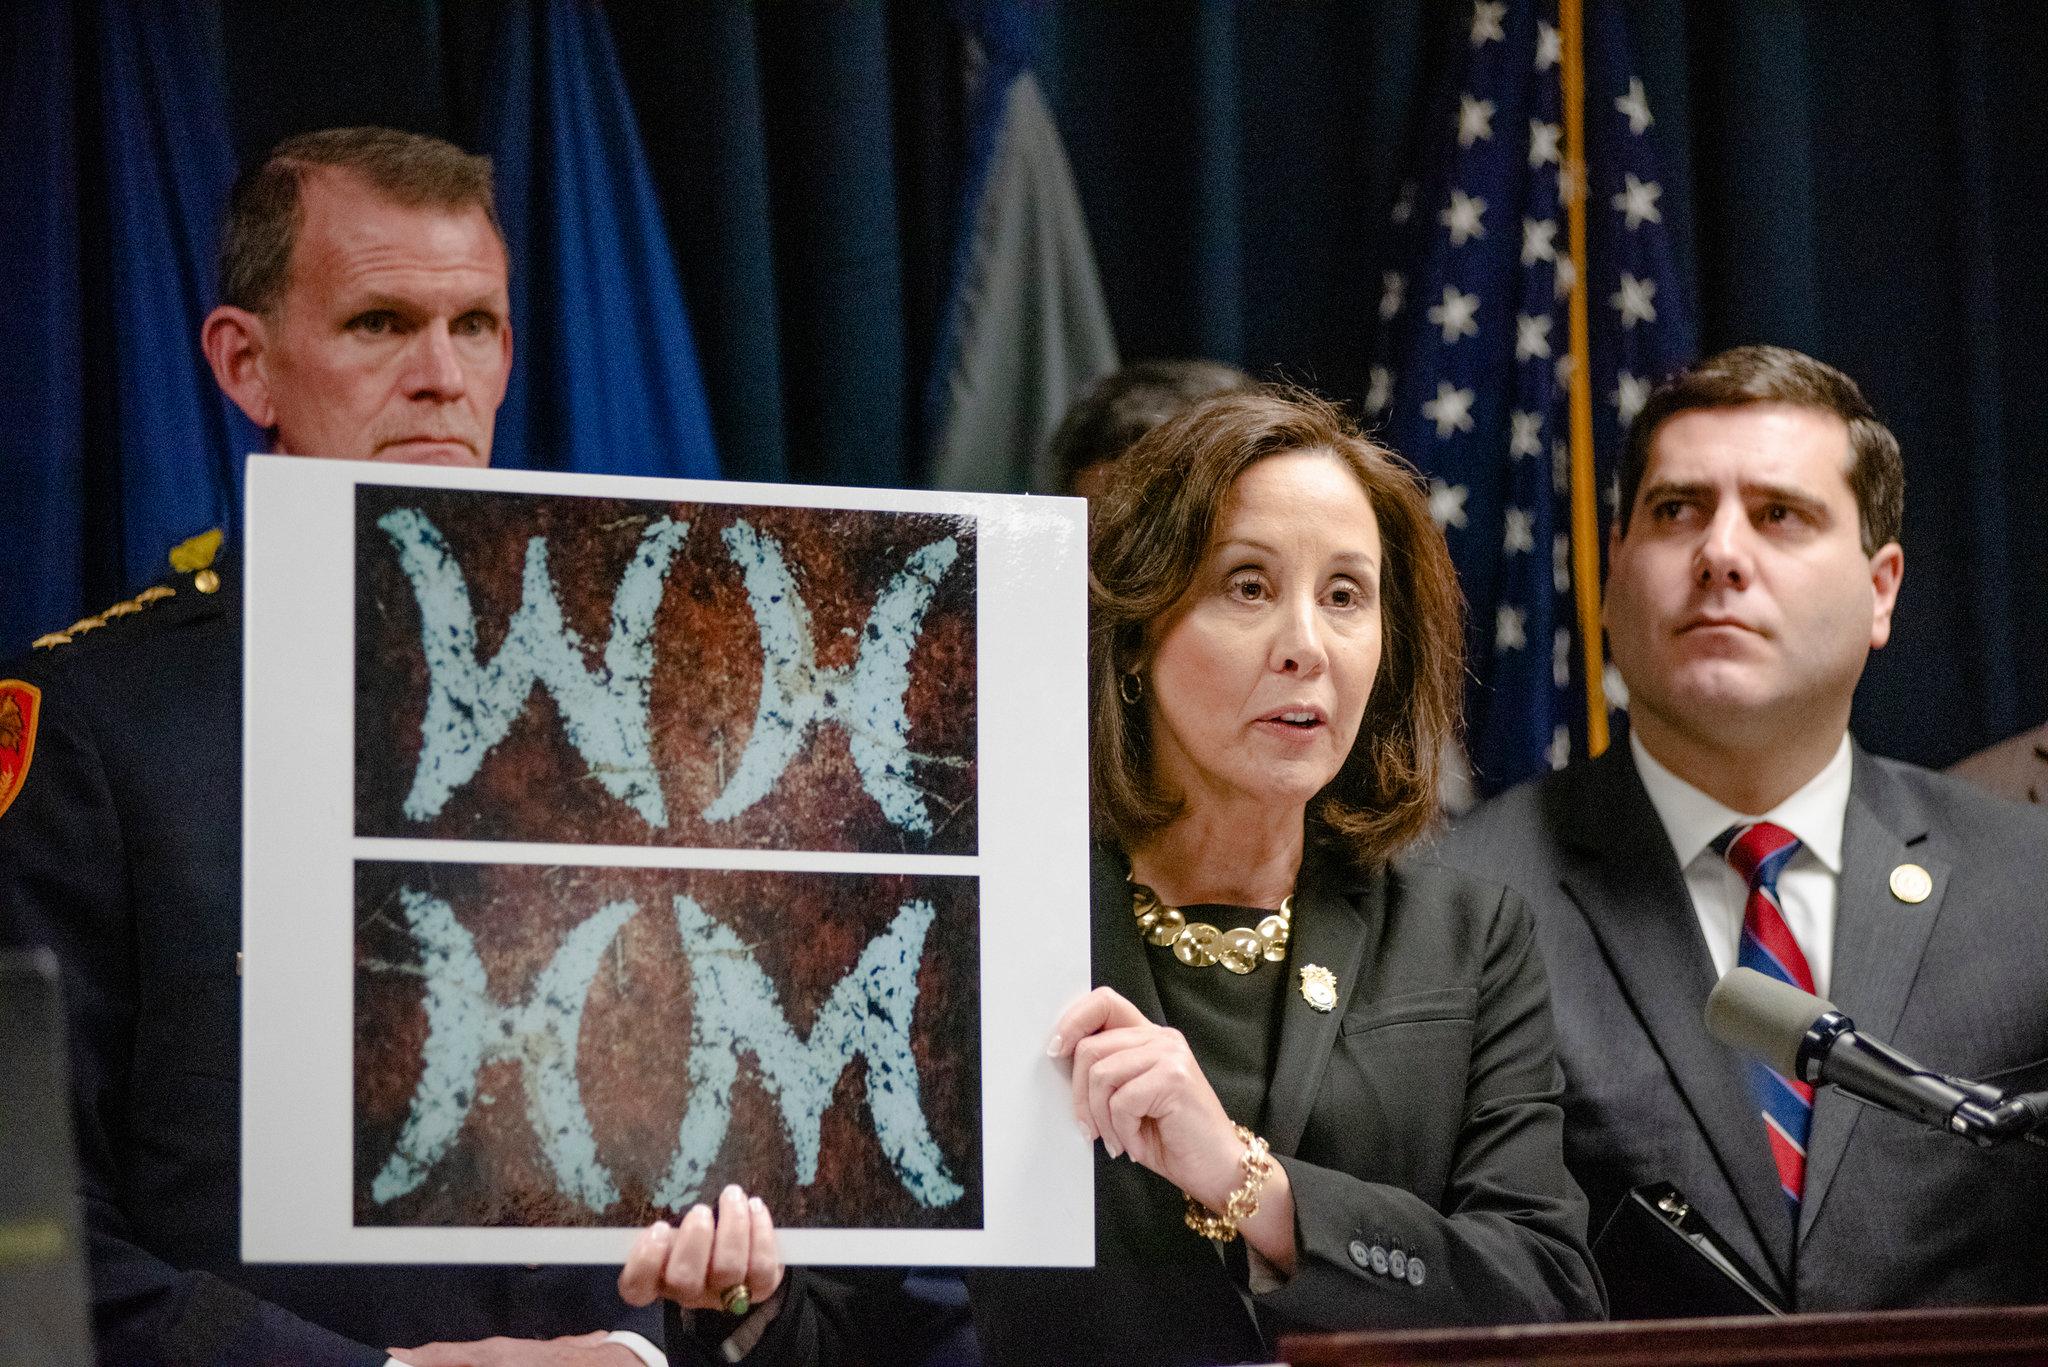 Em uma coletiva de imprensa no último dia 16 de janeiro, a polícia de Nova York divulgou uma prova encontrada no caso do misterioso serial killer de Long Island. Foto: NYPost.